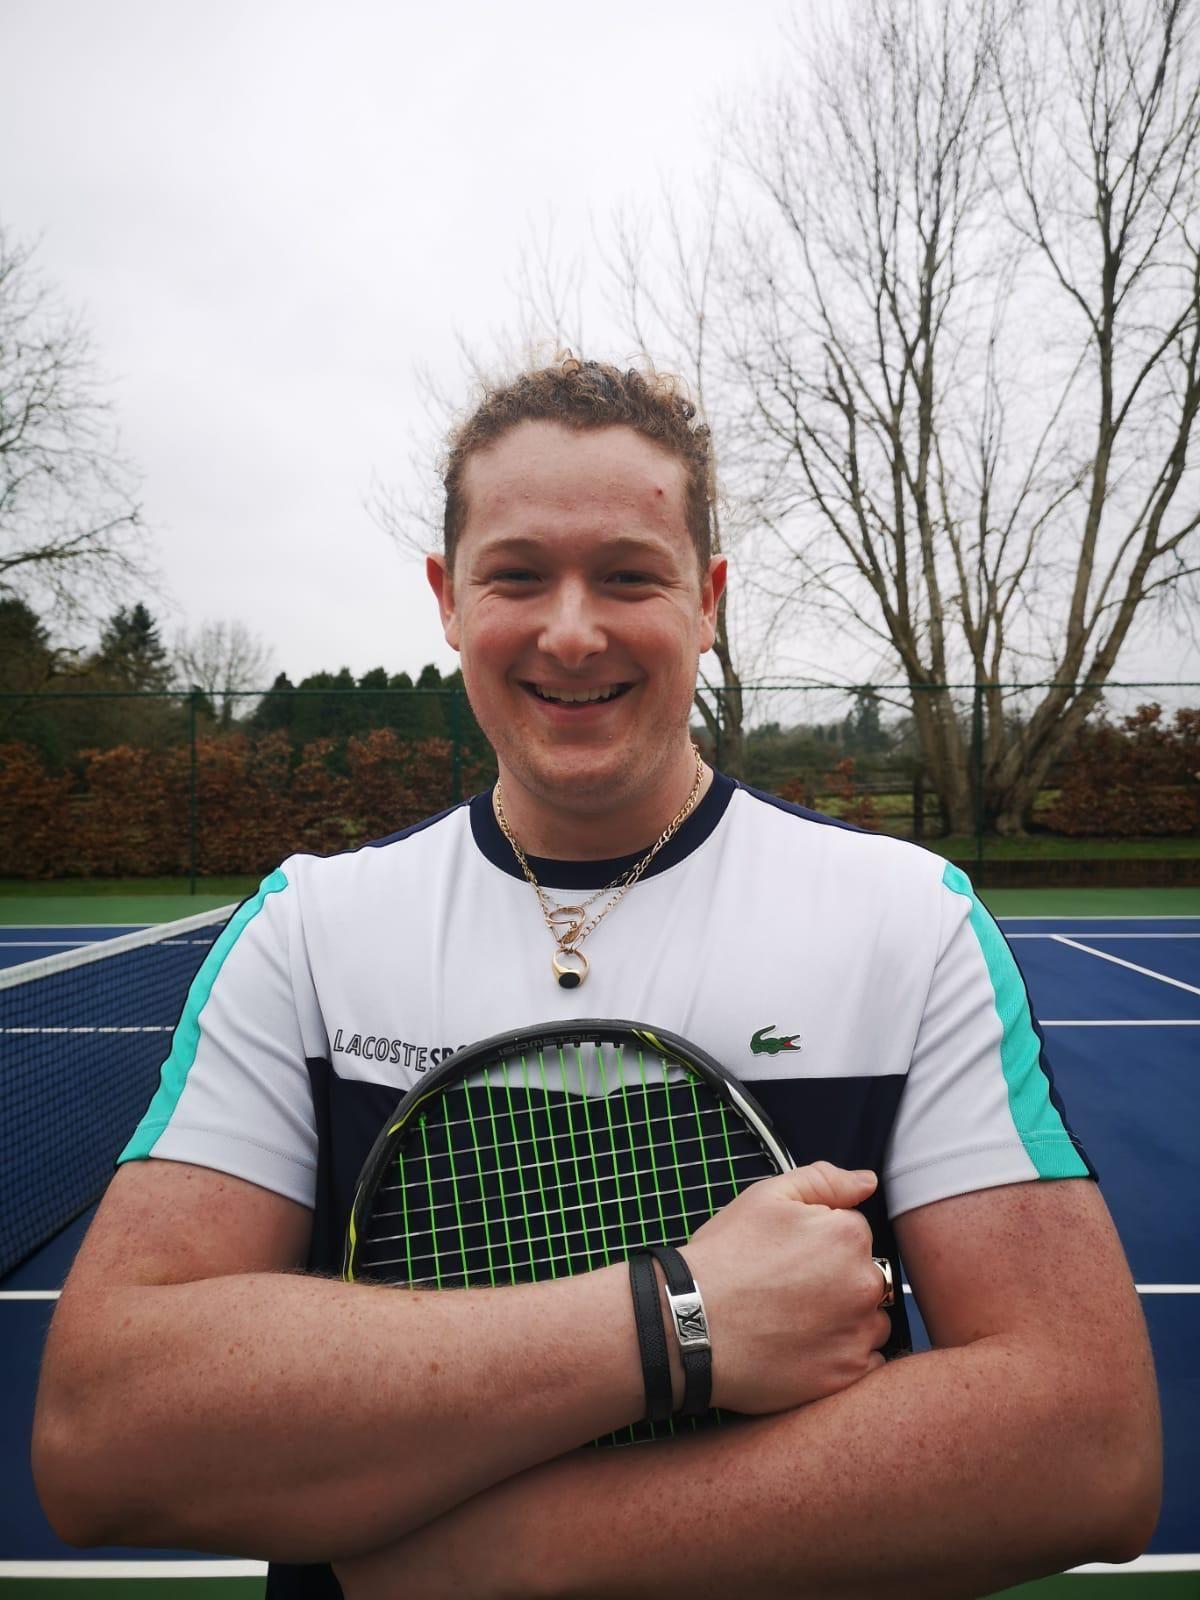 Alex Fox profile